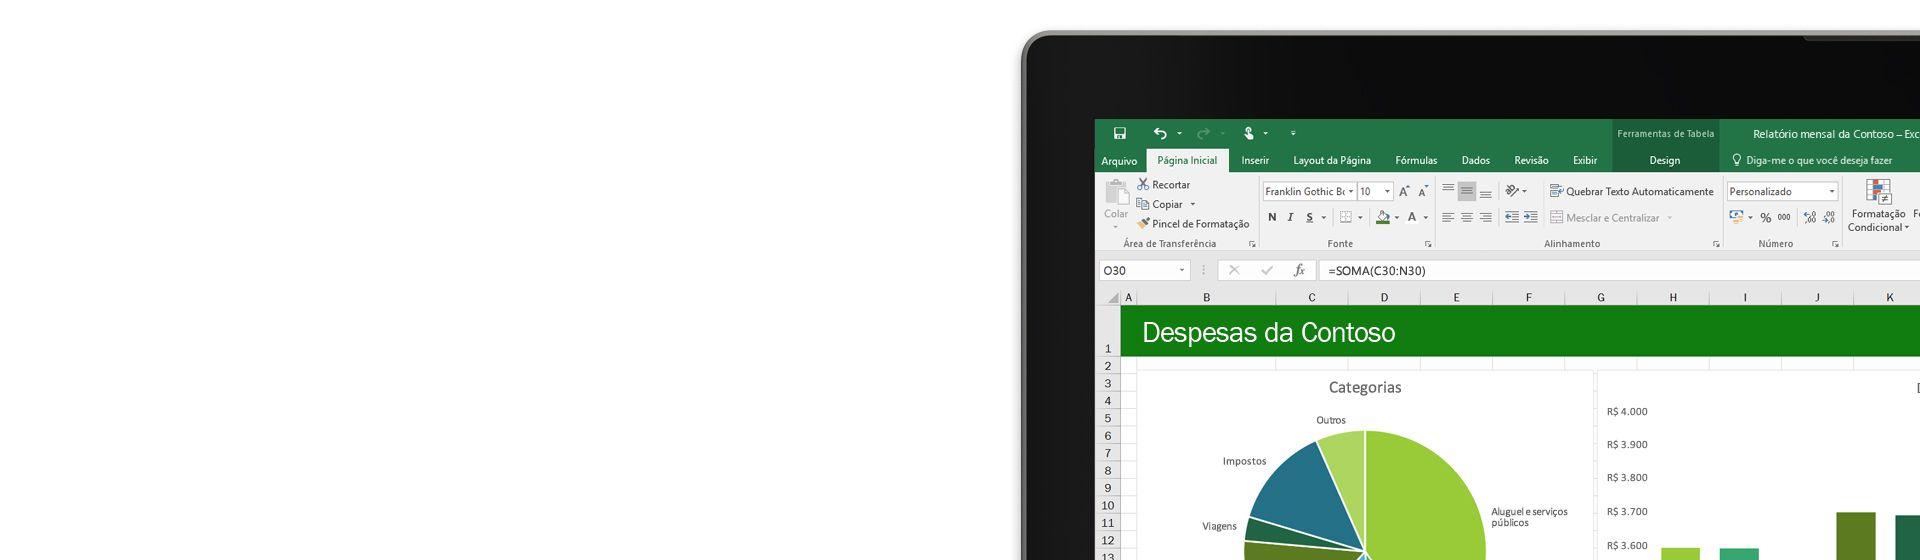 Canto de uma tela de laptop mostrando um relatório de despesas no Microsoft Excel